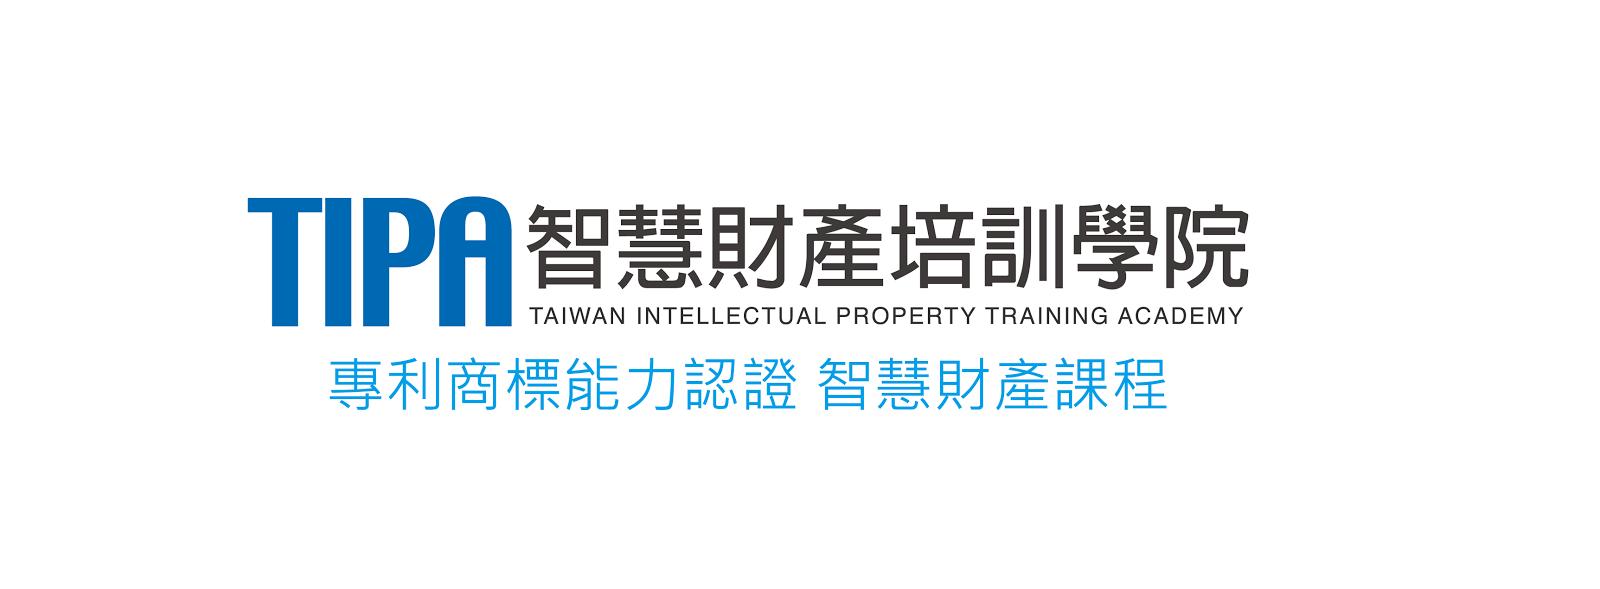 TIPA智慧財產培訓學院